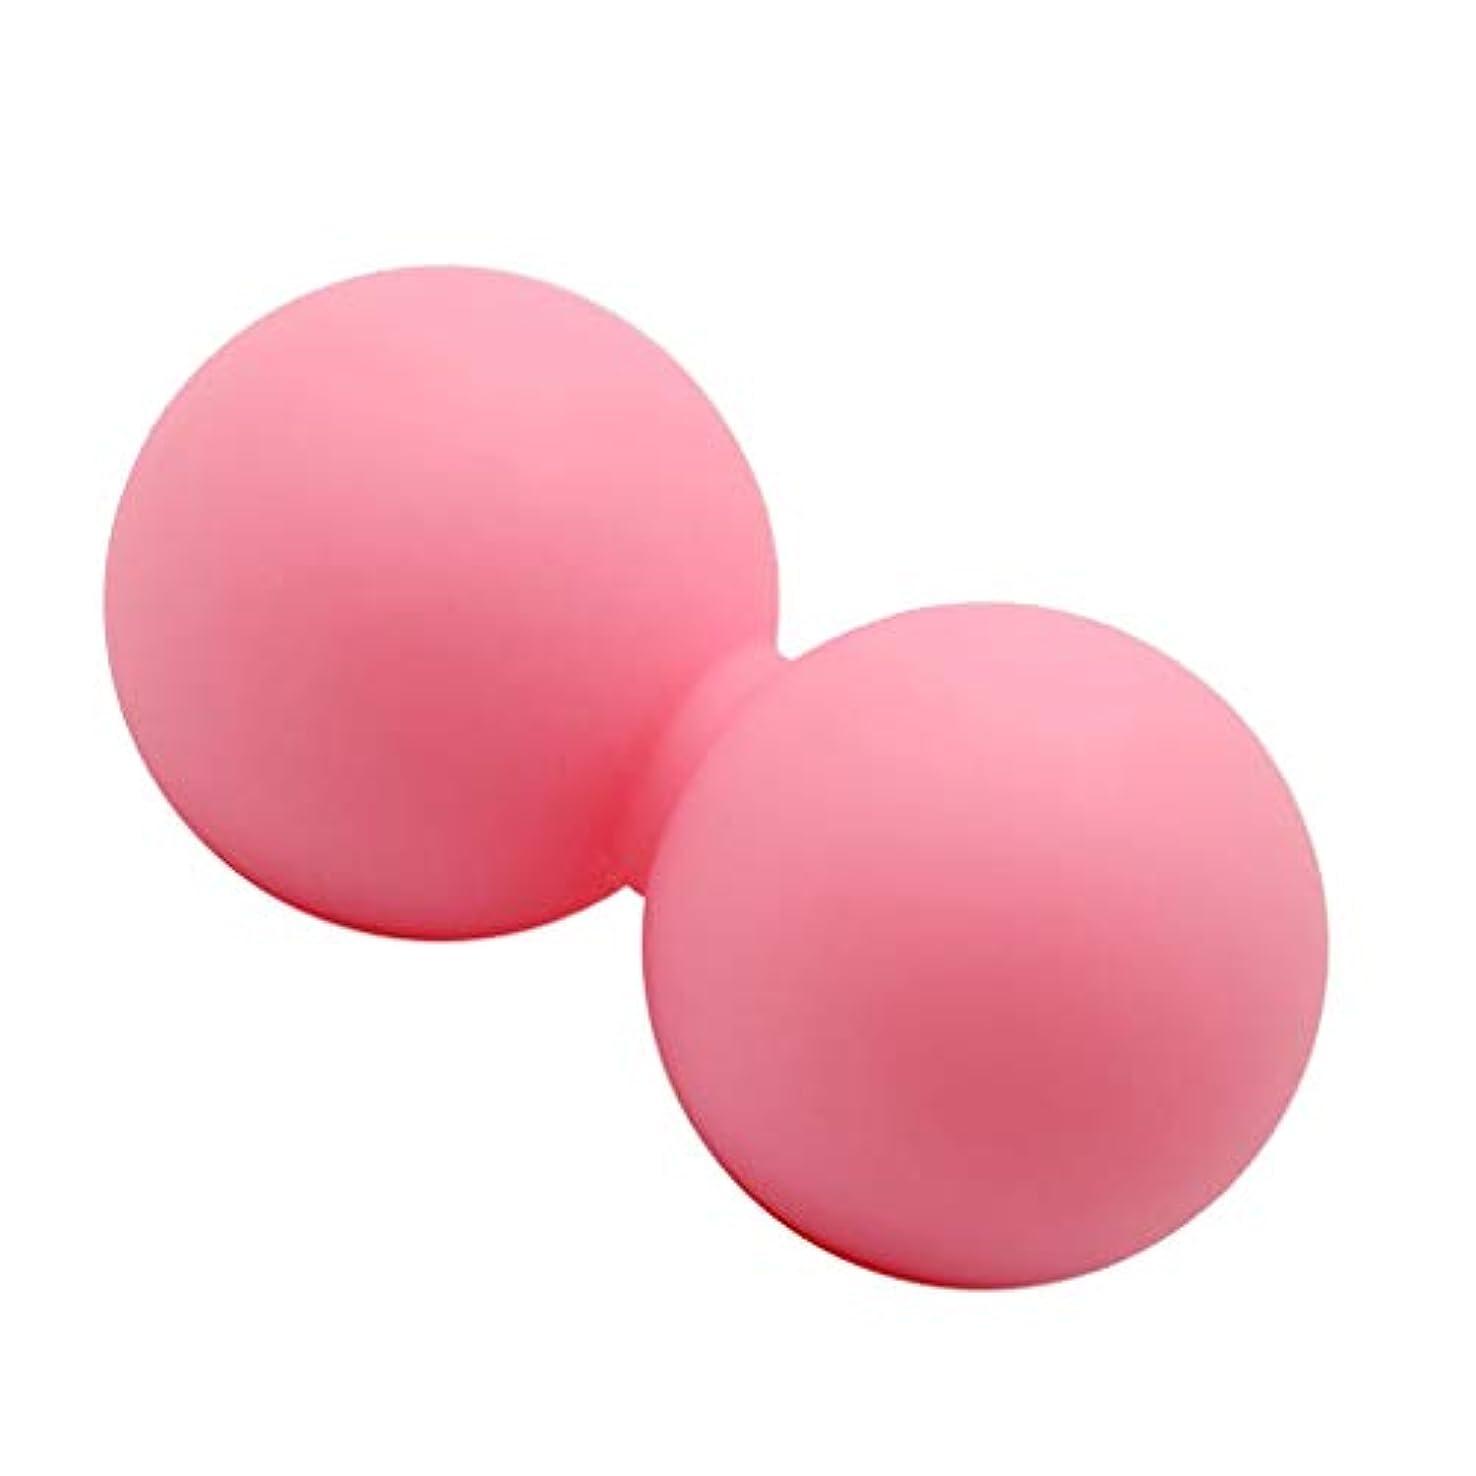 マッサージ ヨガボール ピーナッツ形 痛み緩和 ピンク